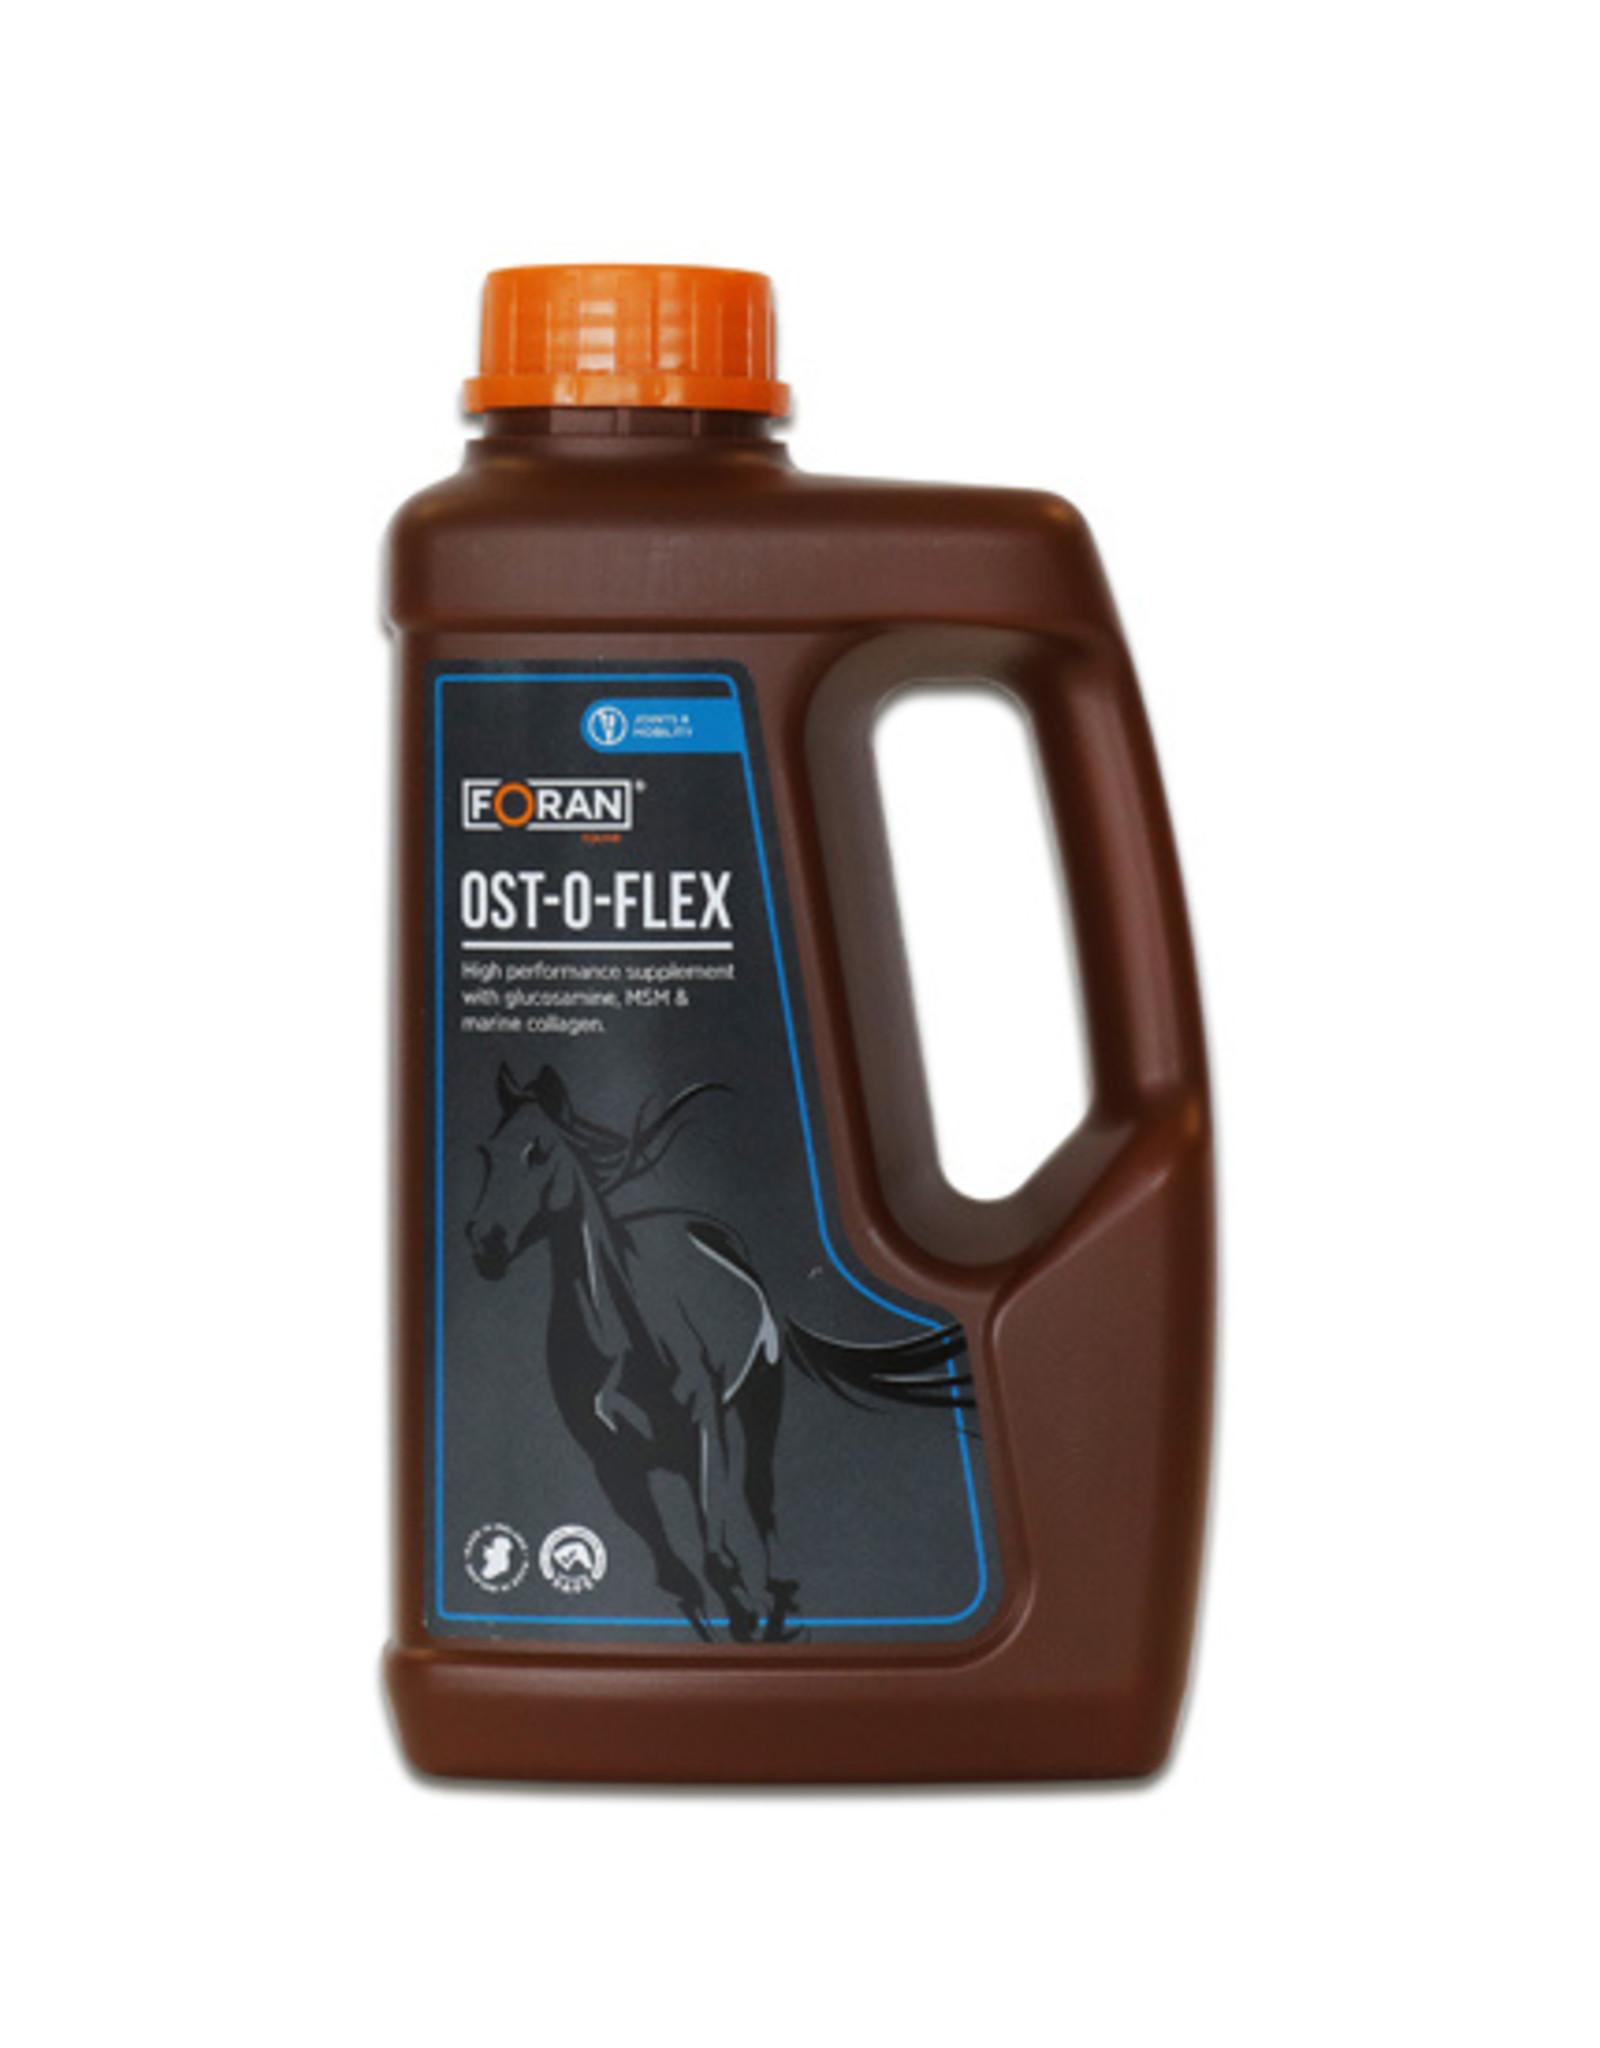 Foran Equine Ost-O-Flex